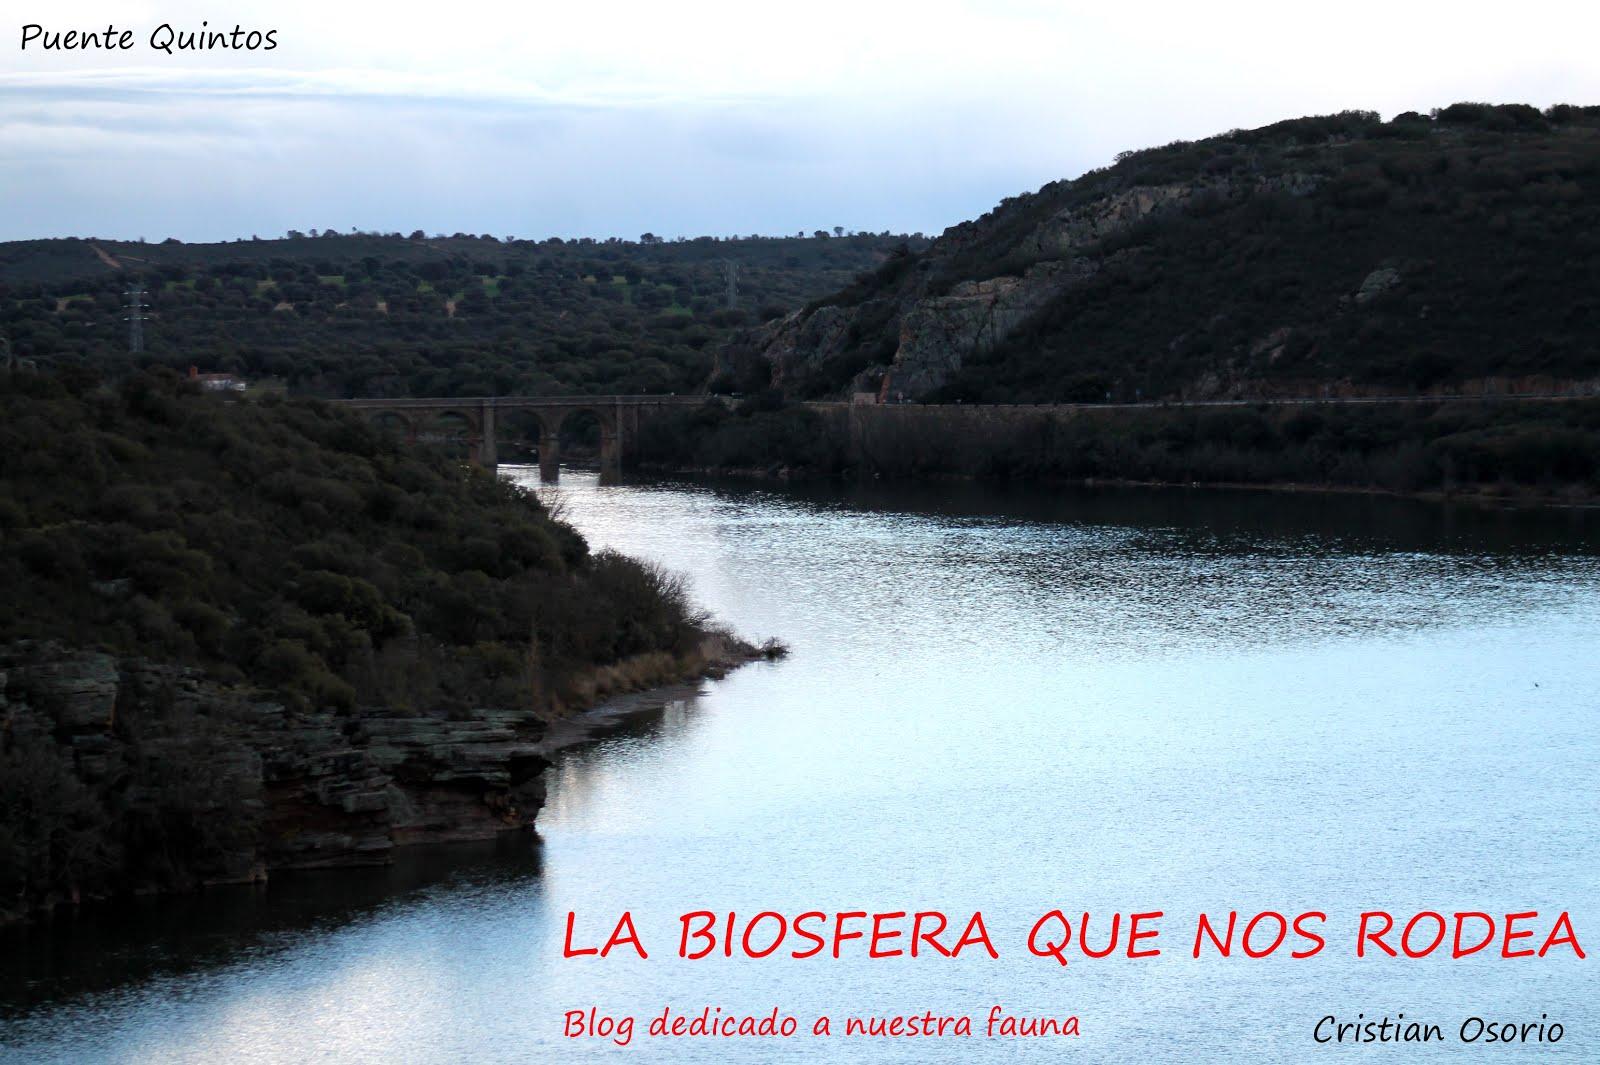 La Biosfera Que Nos Rodea